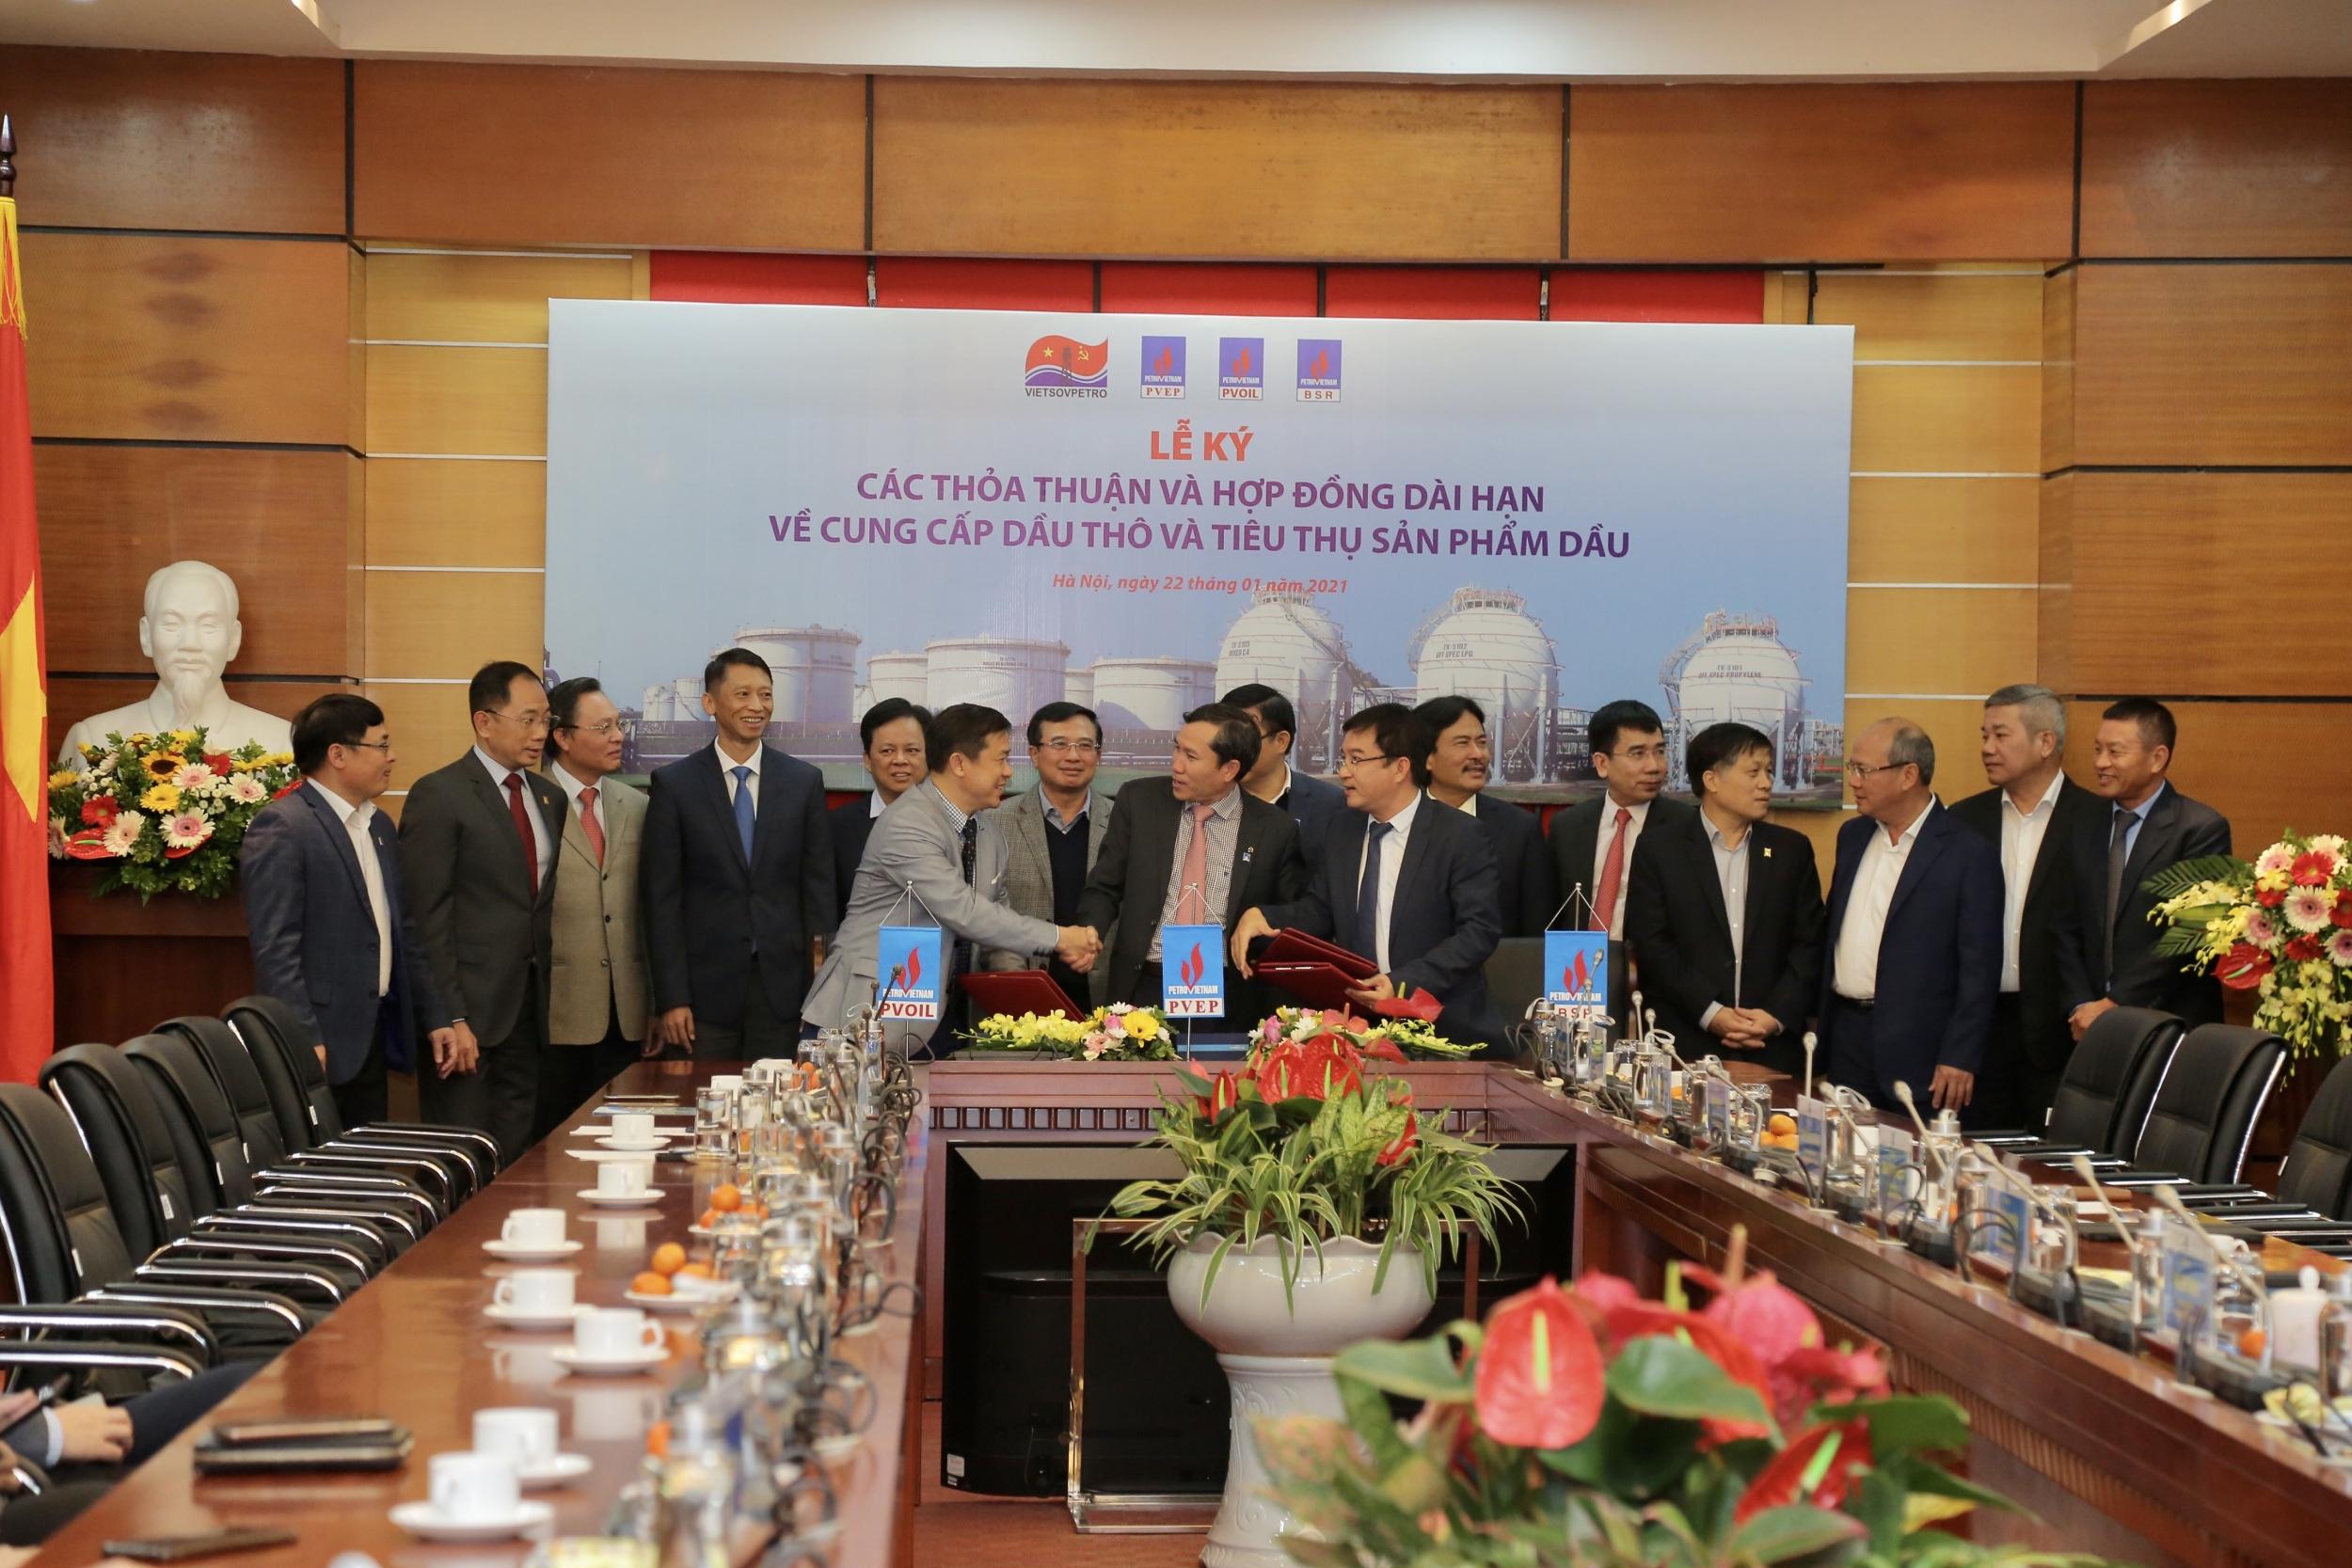 Các đơn vị thành viên Petrovietnam ký các thỏa thuận và hợp đồng dài hạn về cung cấp dầu thô và tiêu thụ sản phẩm dầu